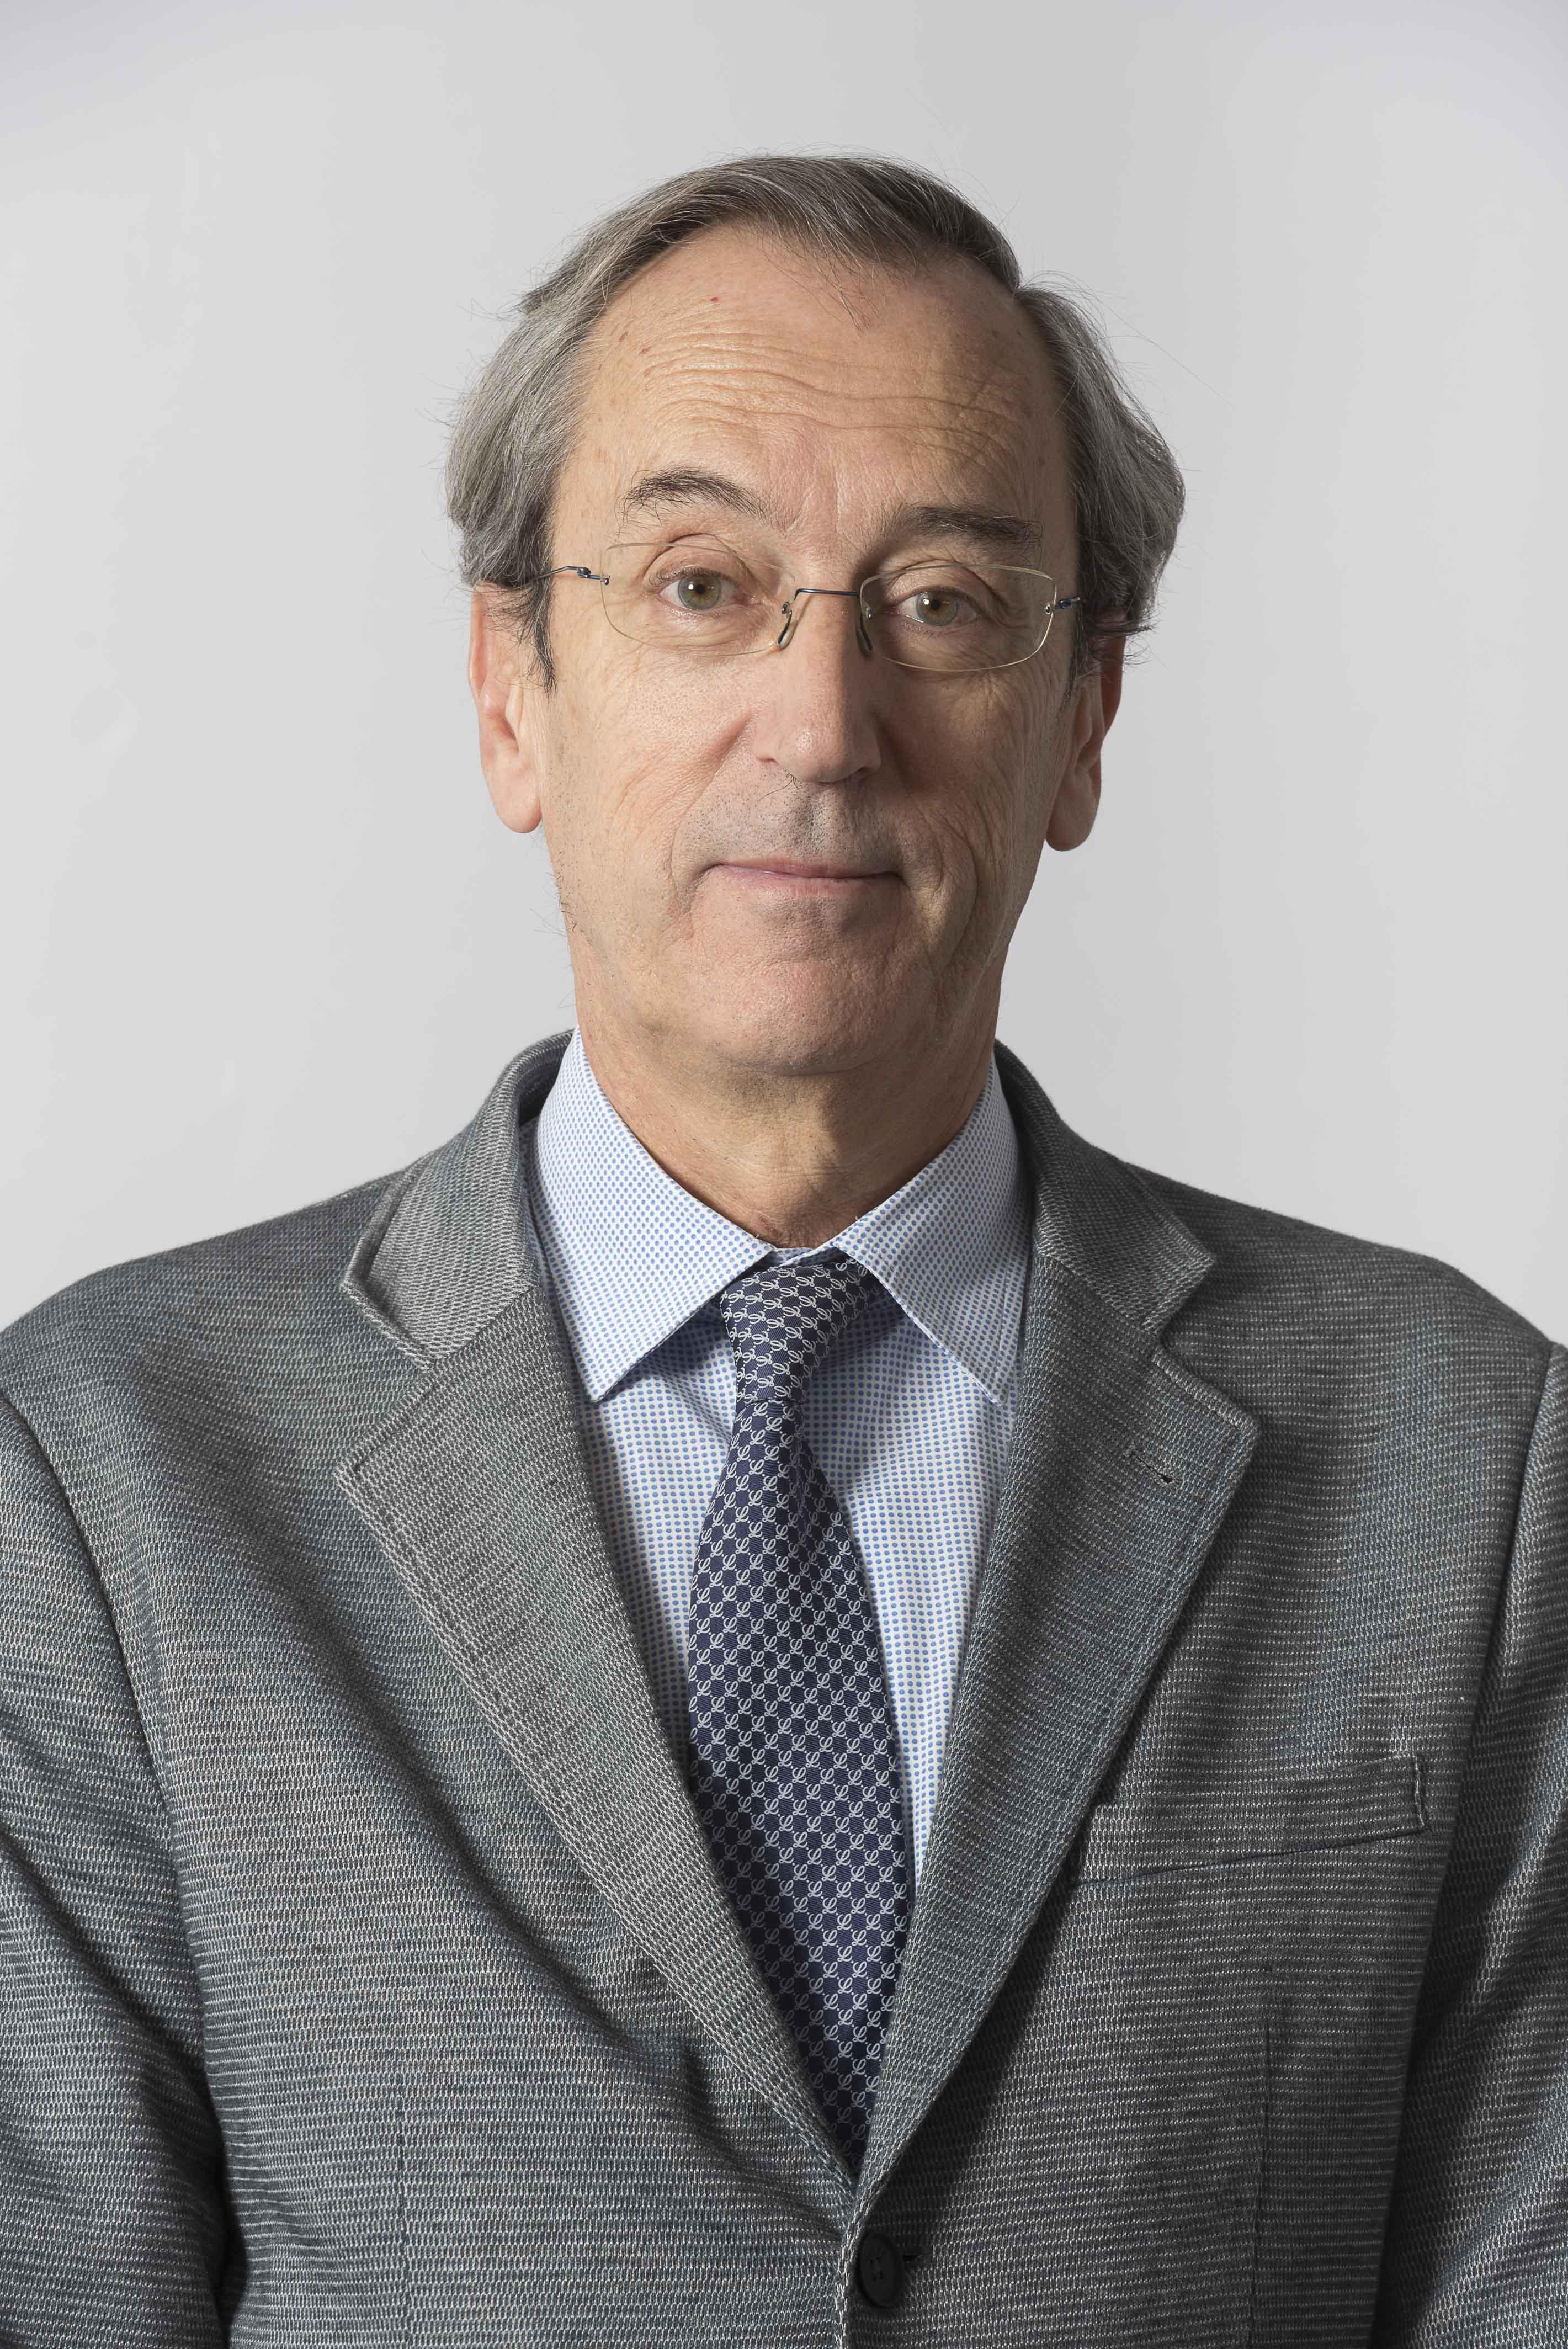 Manuel Anguita, presidente de la Sociedad Española de Cardiología, estima ampliar la iniciativa para todos los cardiólogos socios.